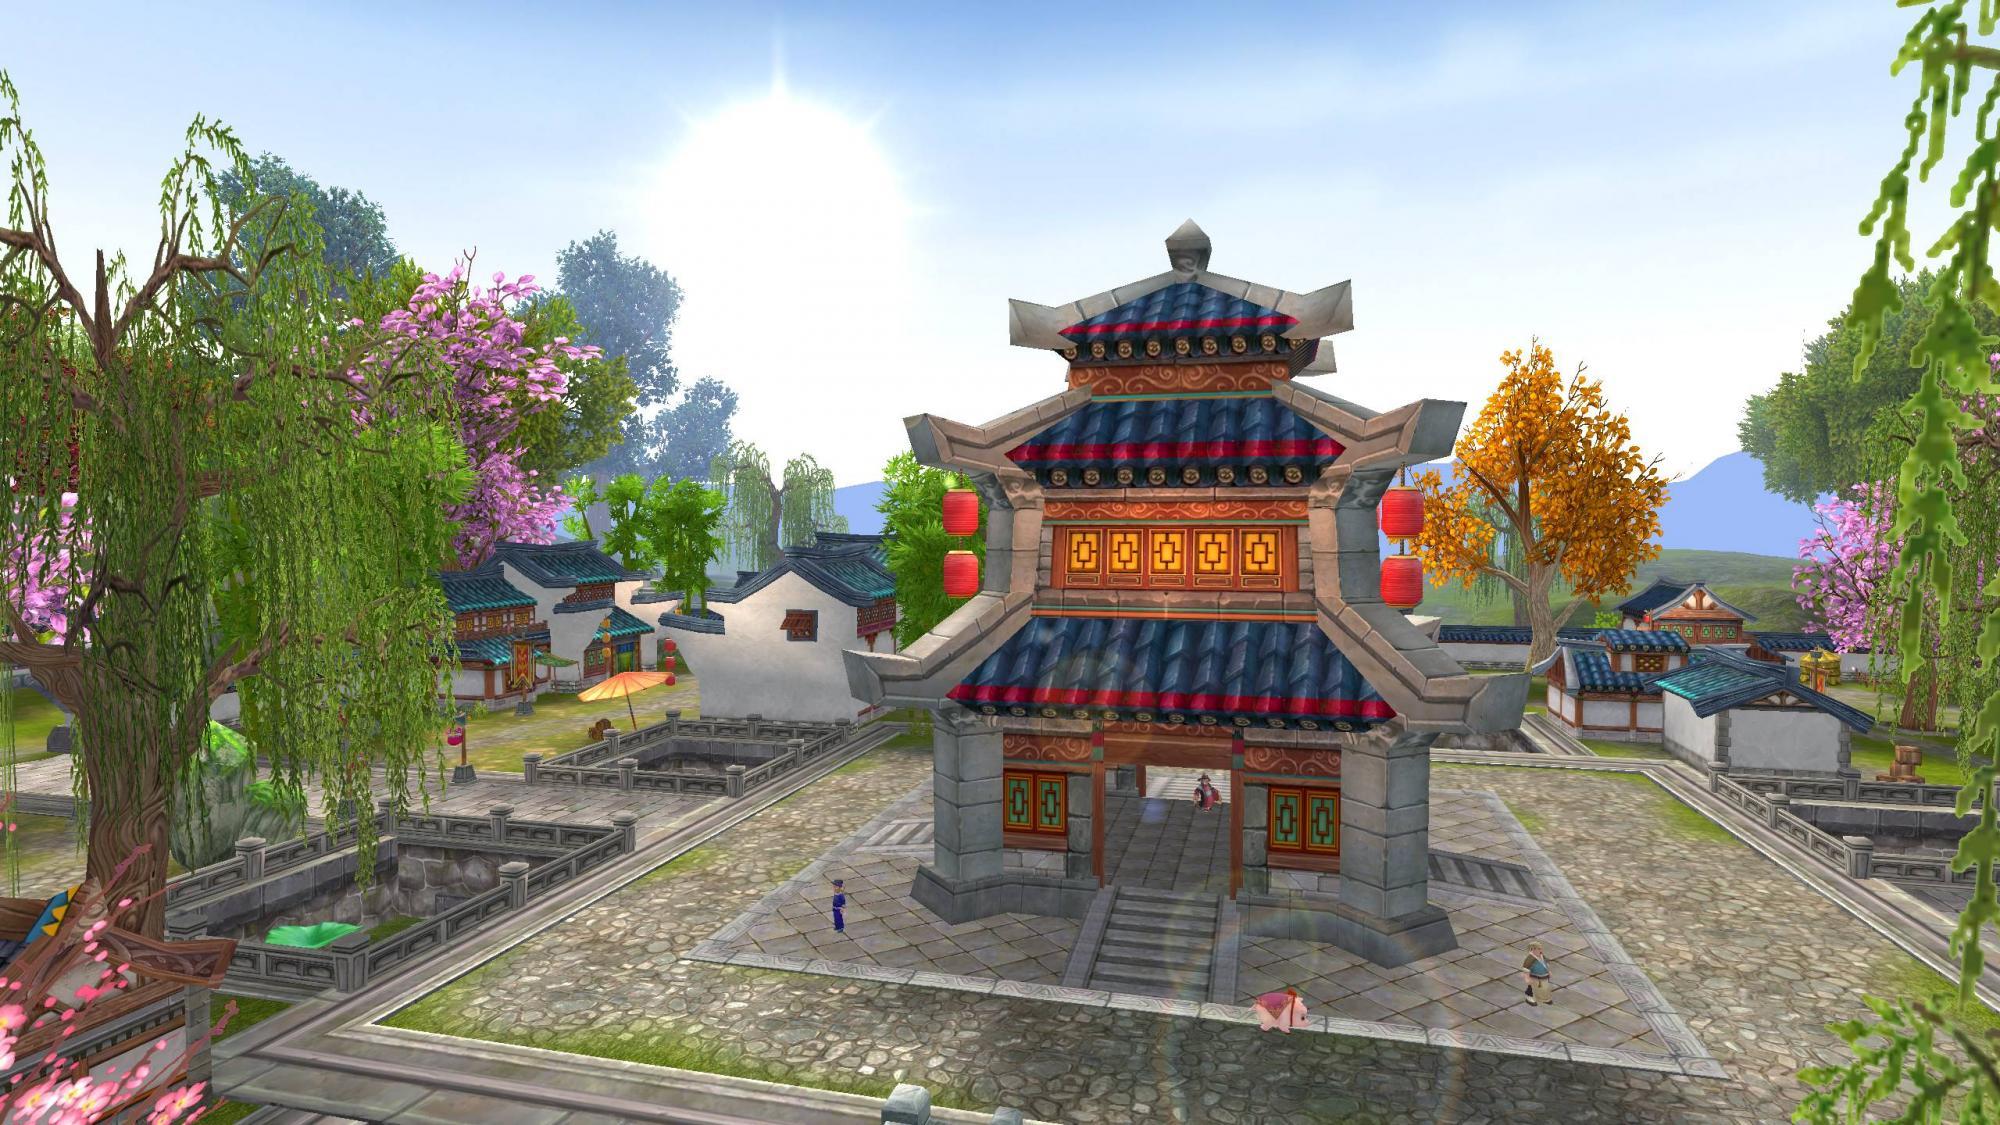 Klicke auf die Grafik für eine größere AnsichtName:Legend of Martial Arts 23.jpgHits:104Größe:381,6 KBID:762